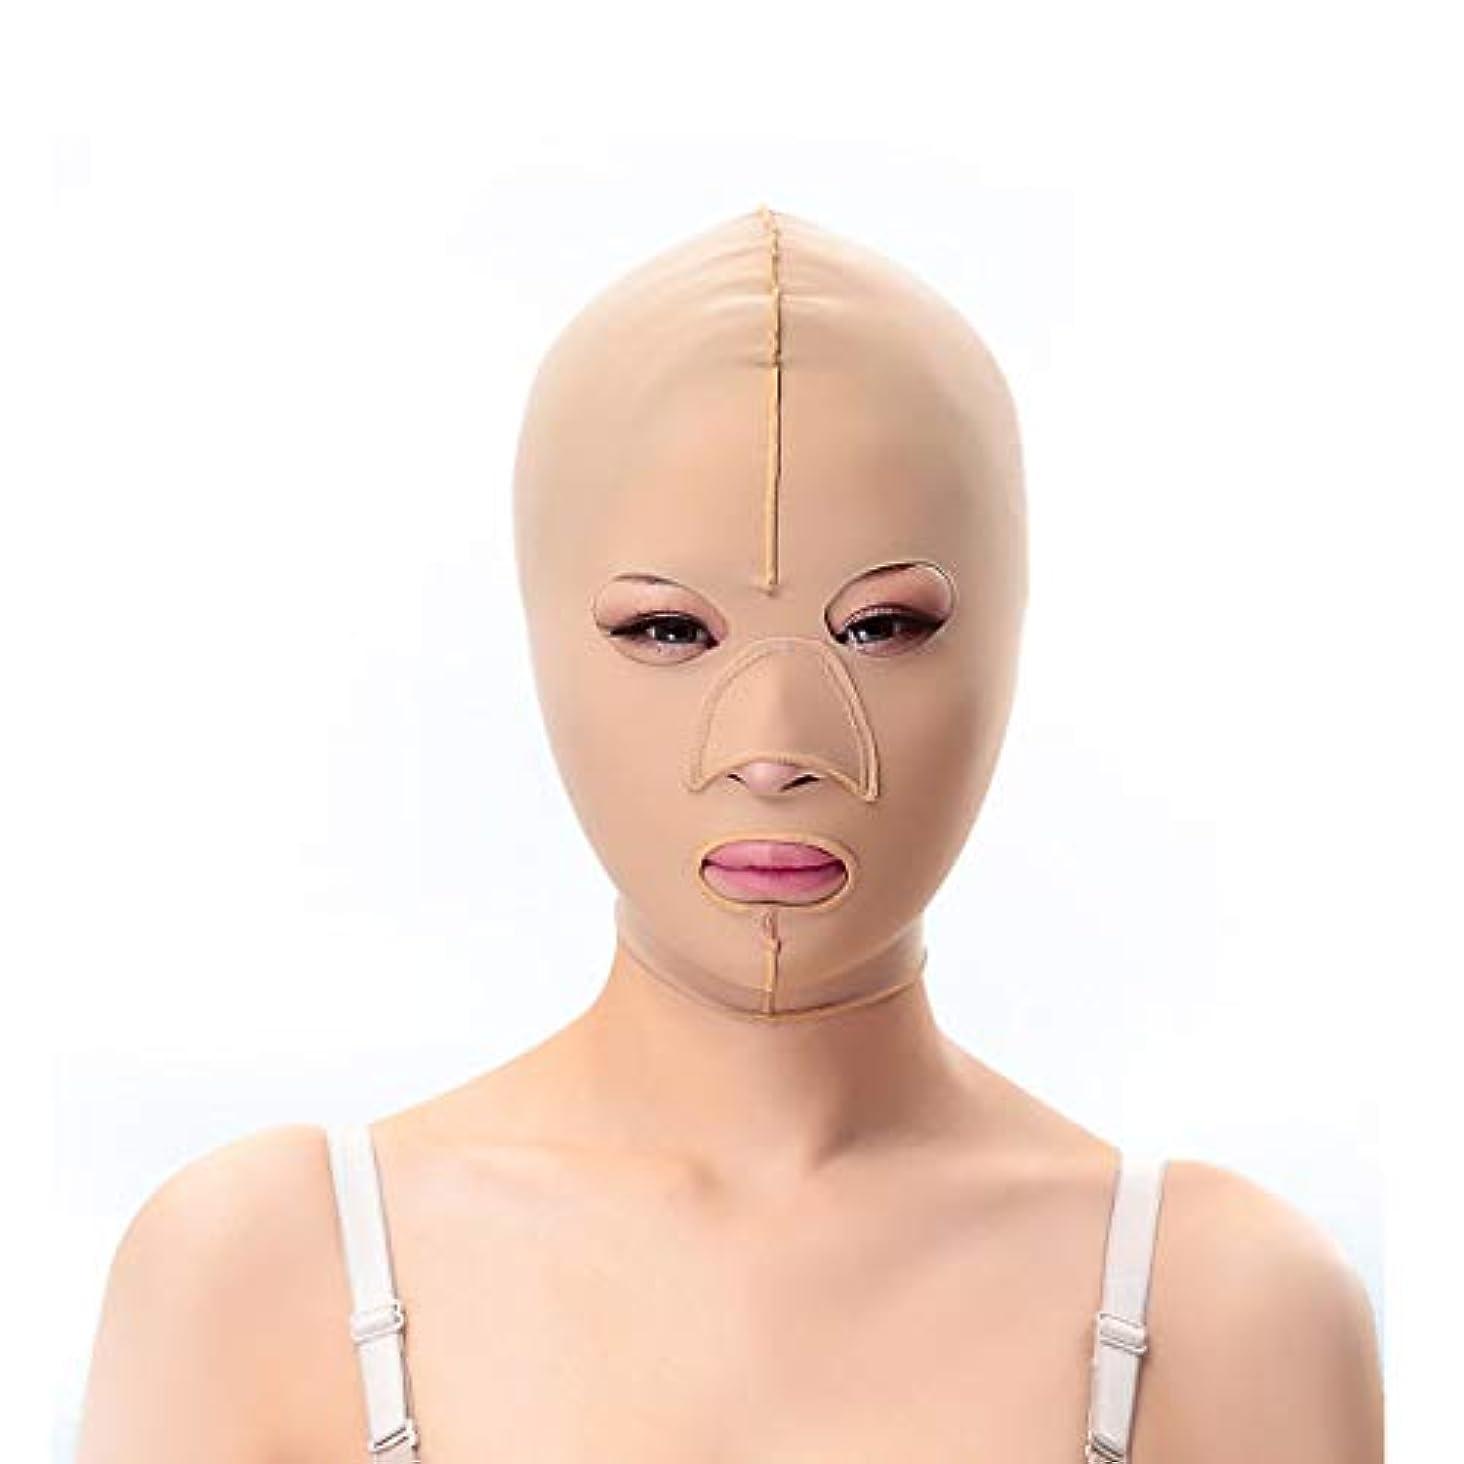 黙素人残忍なTLMY 減量ベルトマスクフェイスマスク神聖なパターンリフト二重あご引き締め顔面プラスチック顔面アーティファクト強力な顔面包帯 顔用整形マスク (Size : S)